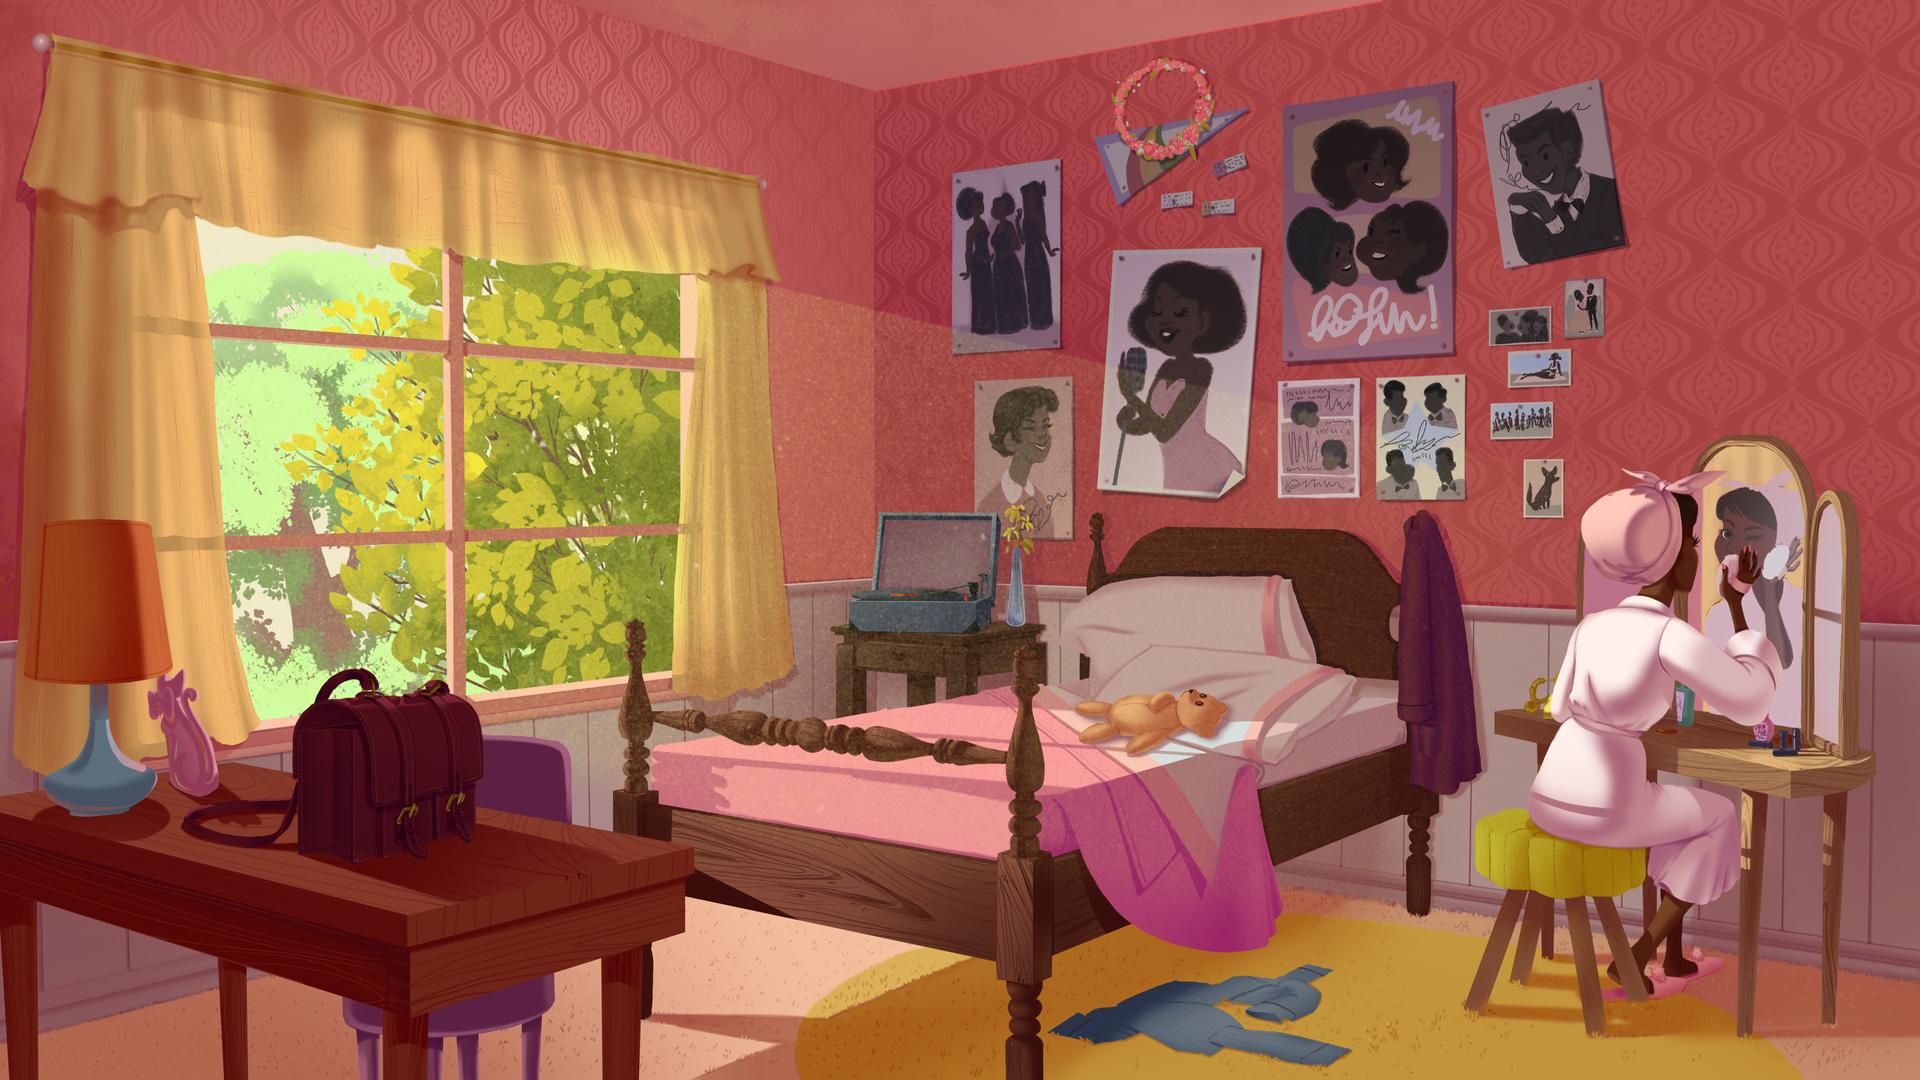 Morning in Dorothy's Room